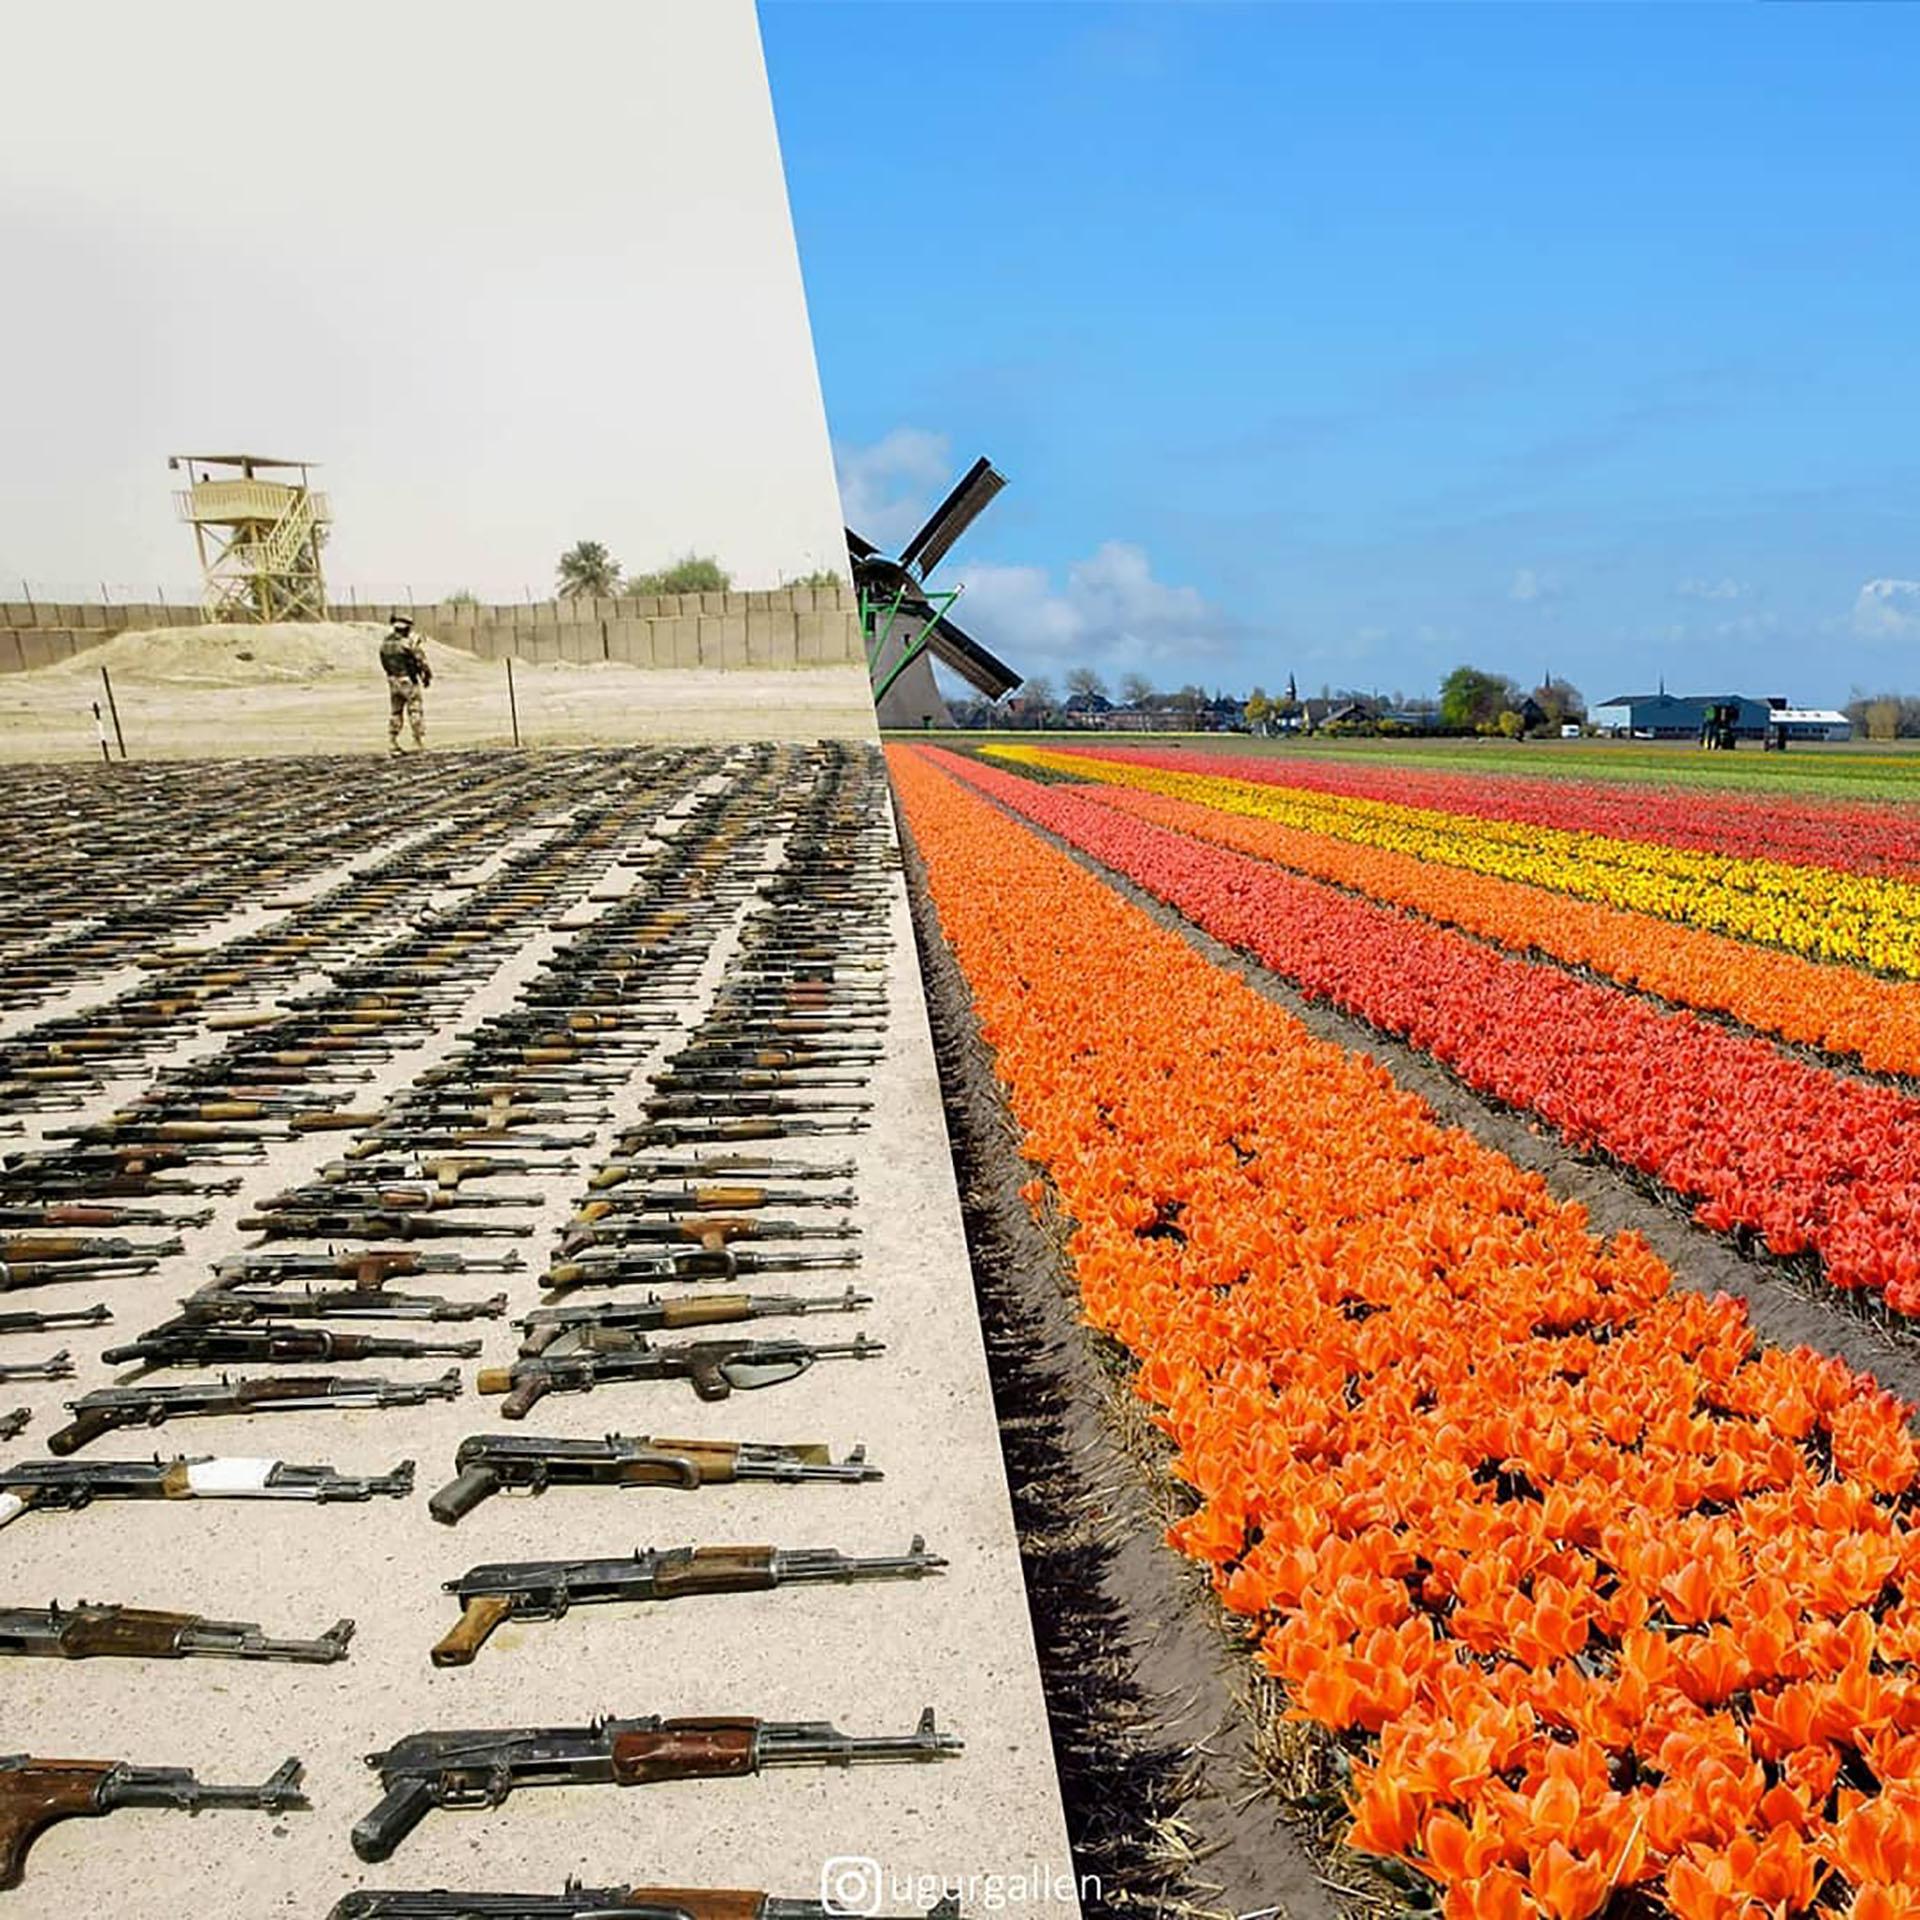 Un campo con armas decomisadas en Irak y un campo de flores (@ugurgallen)